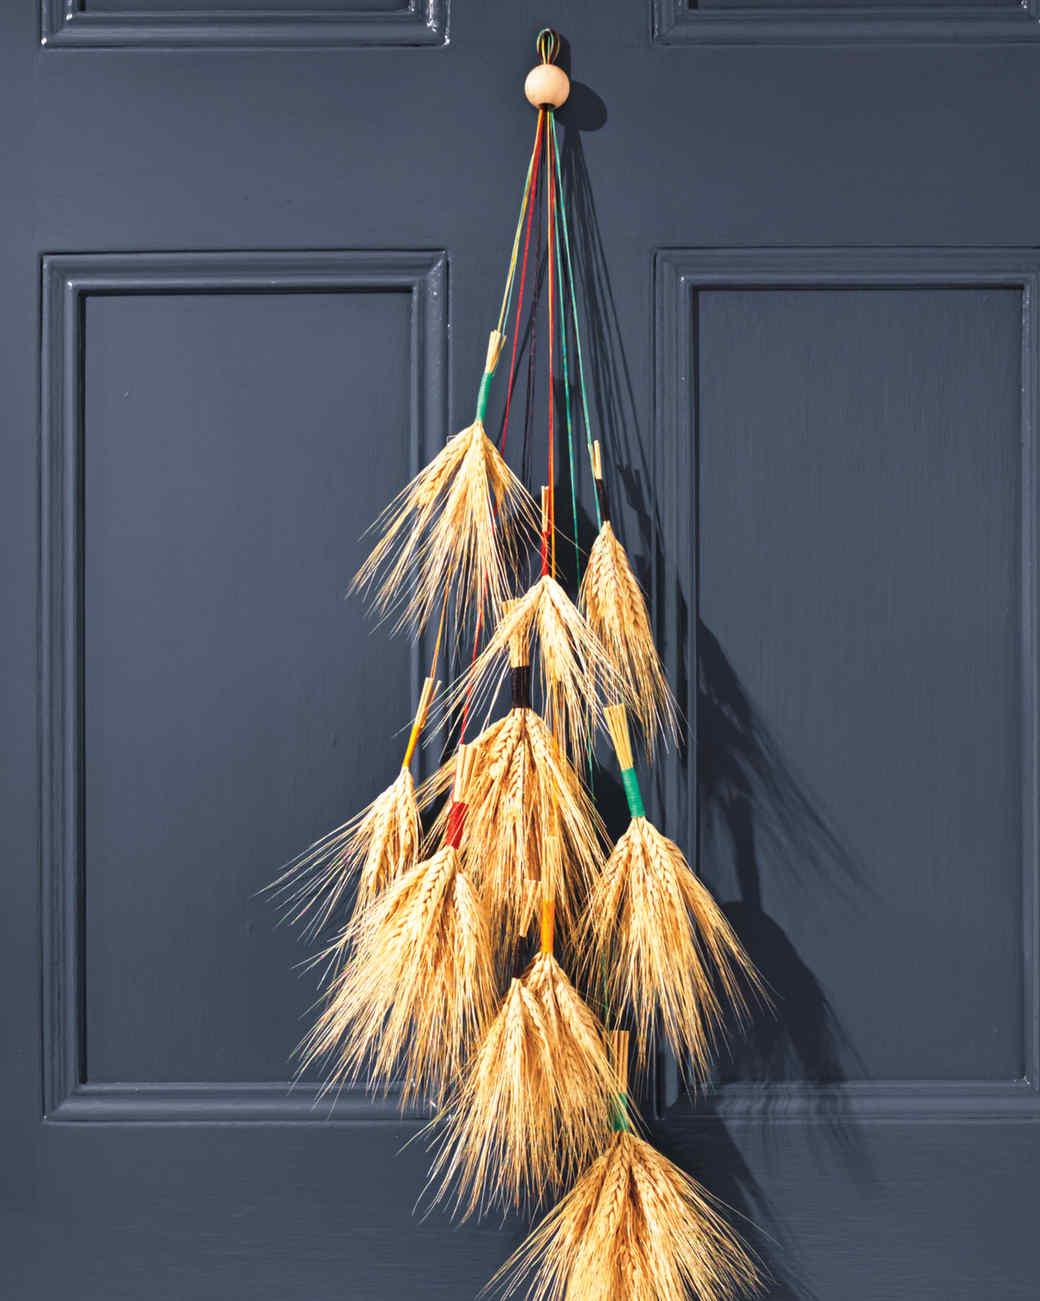 wheat-door-decor-037-d111372.jpg